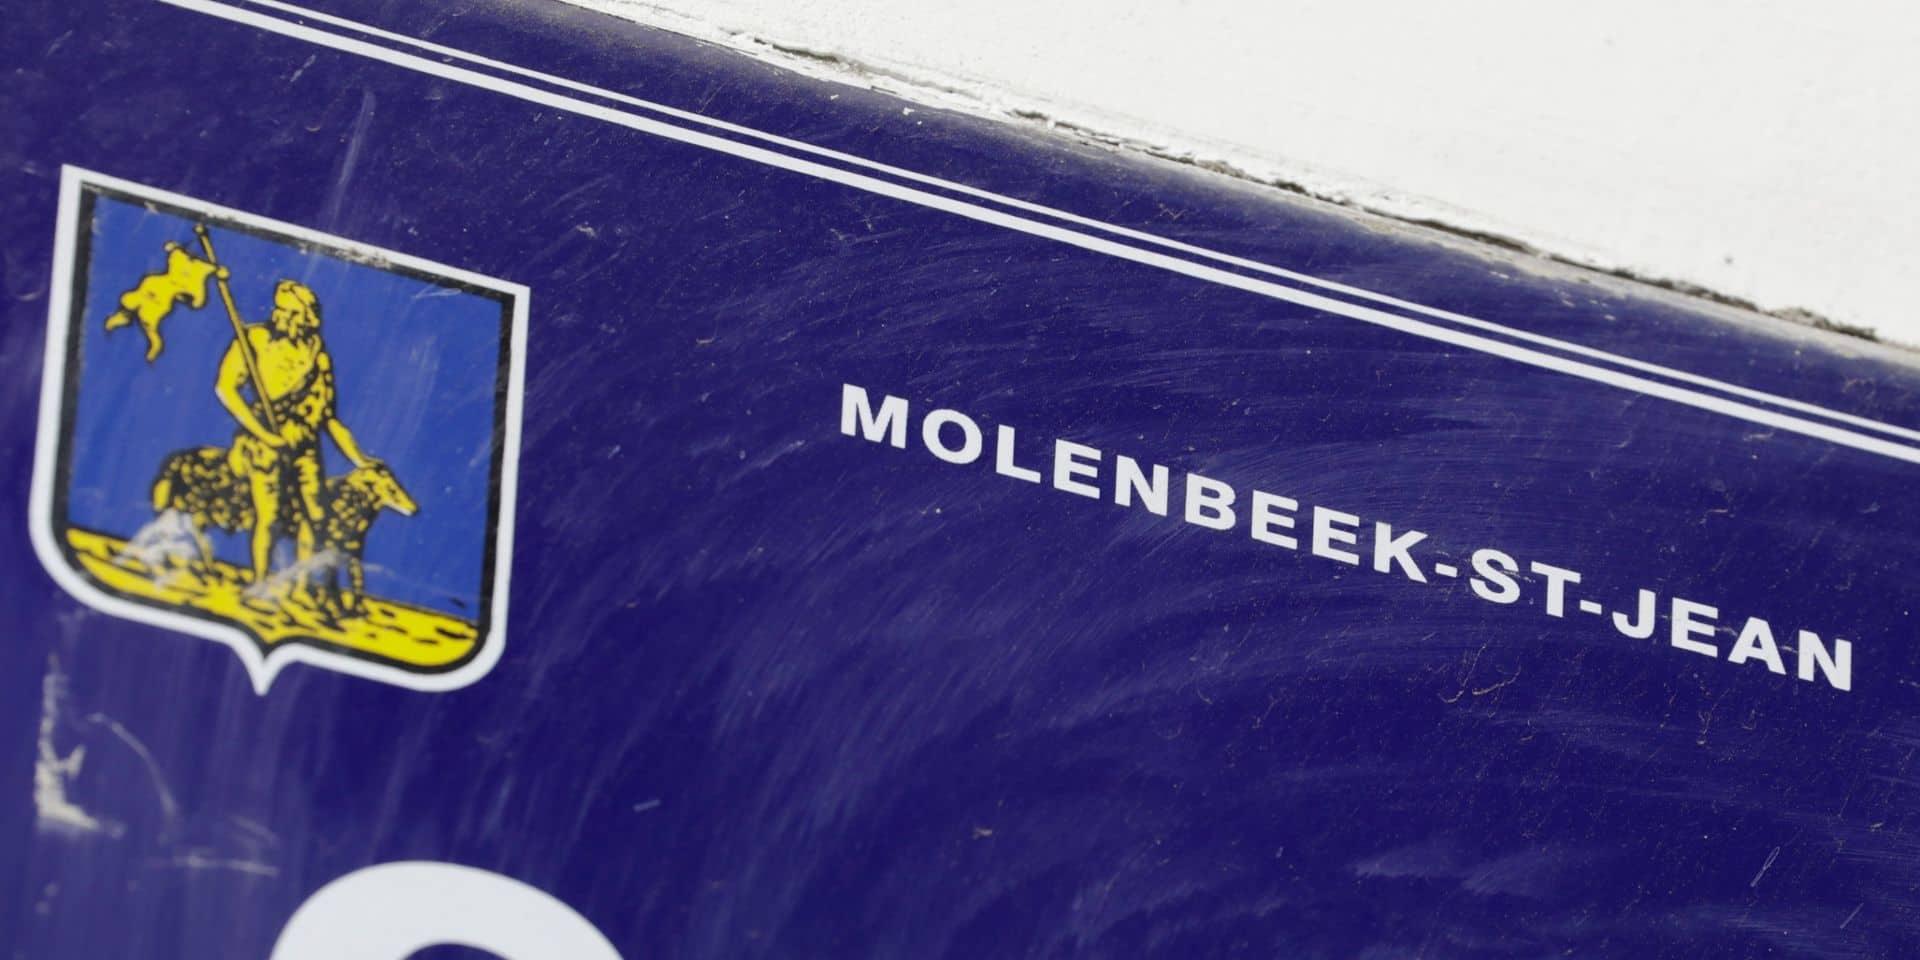 Le pont mobile près du quai de Mariemont à Molenbeek est fermé jusqu'à la fin du week-end